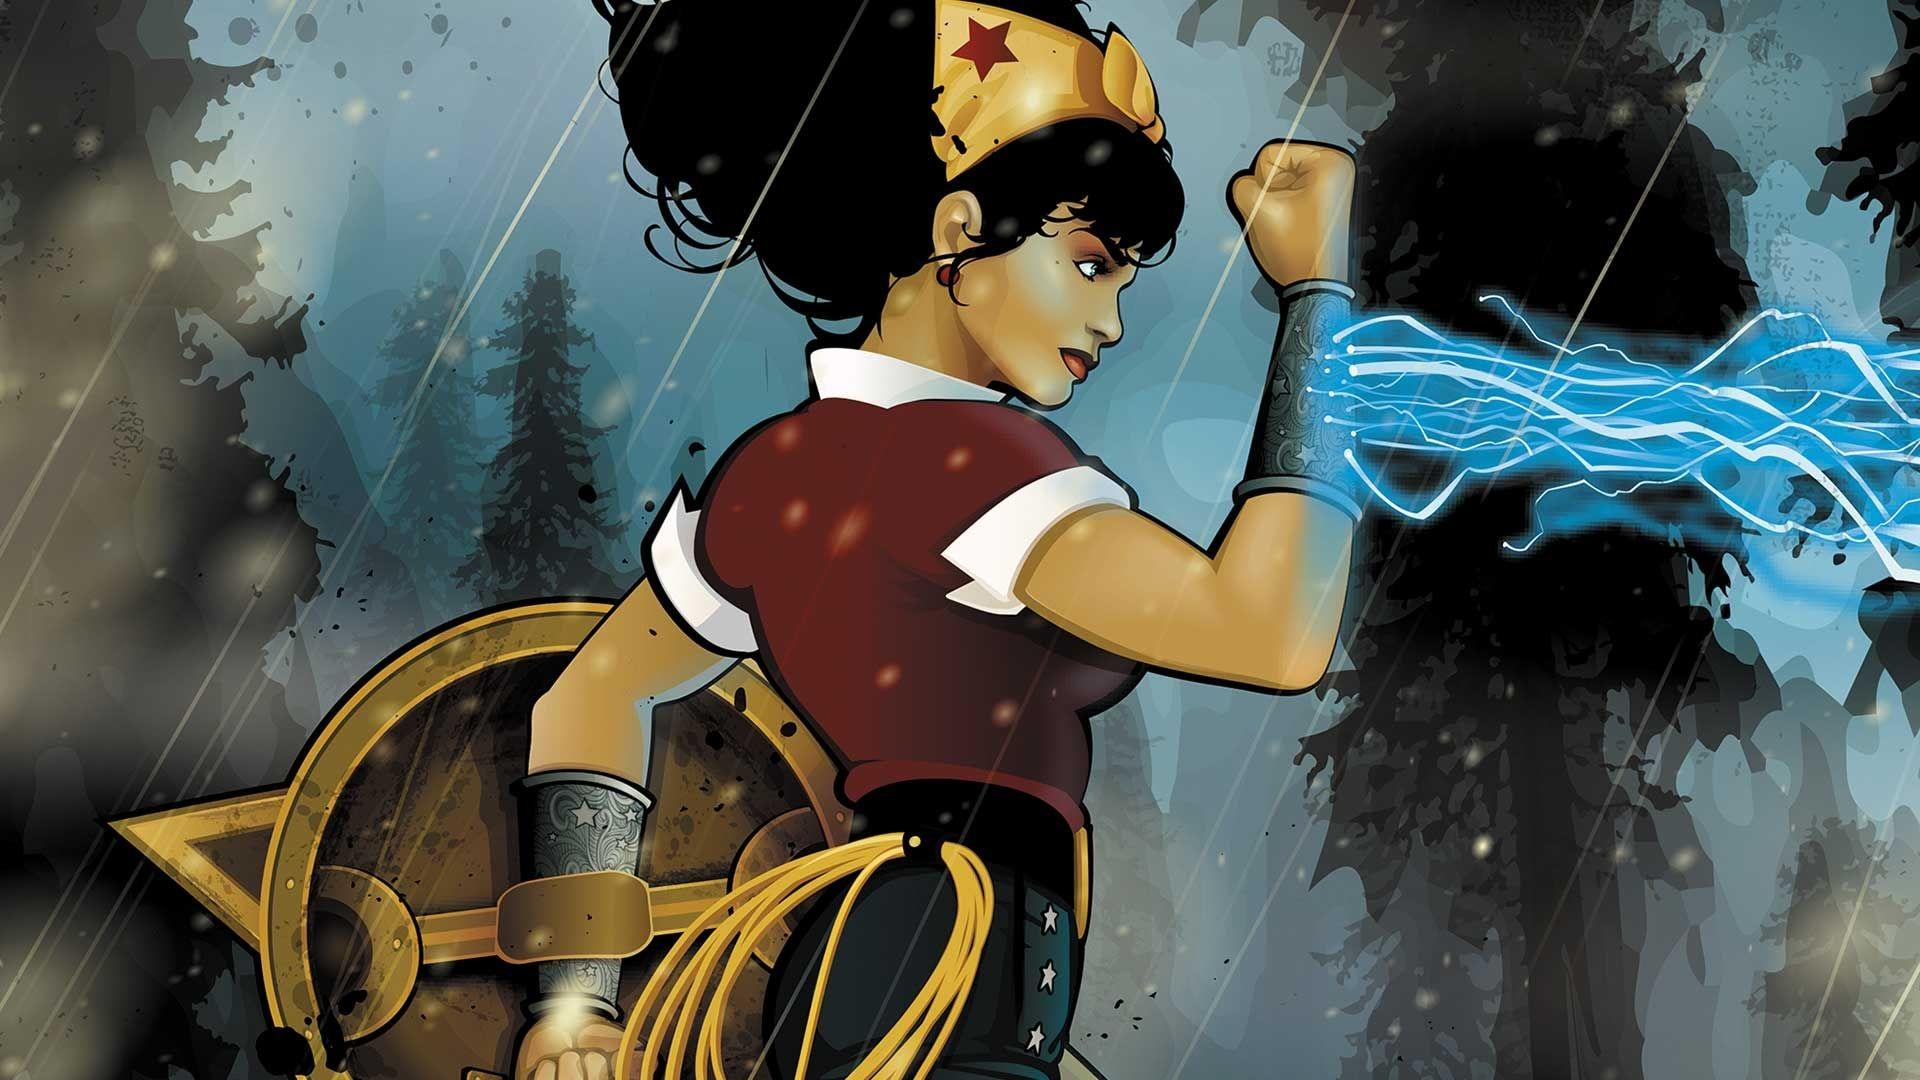 Bombshells Comics wallpapers HD quality